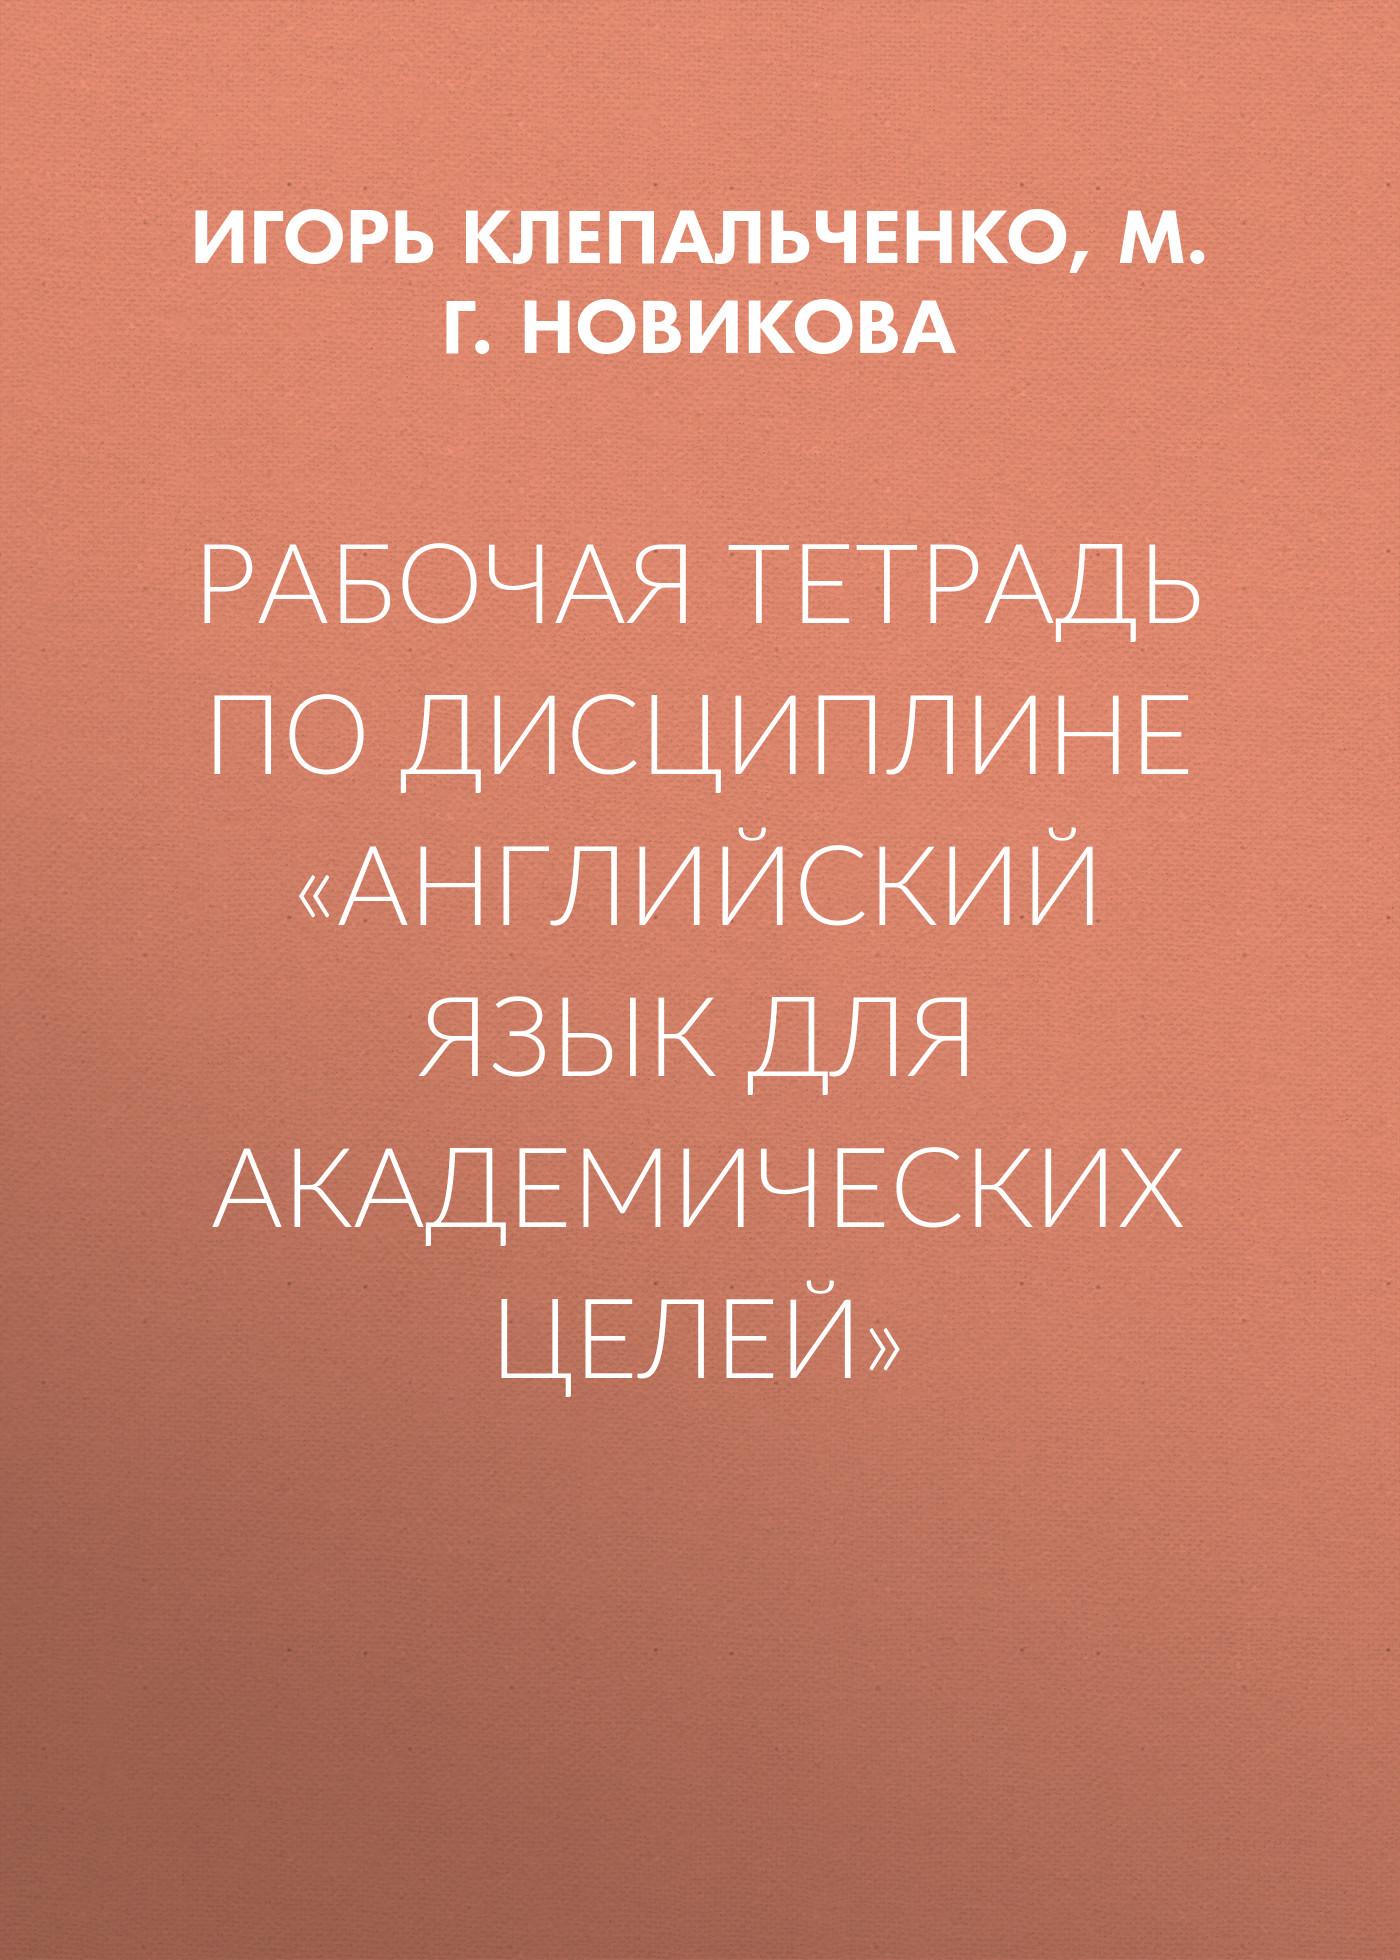 М. Г. Новикова Рабочая тетрадь по дисциплине «Английский язык для академических целей»